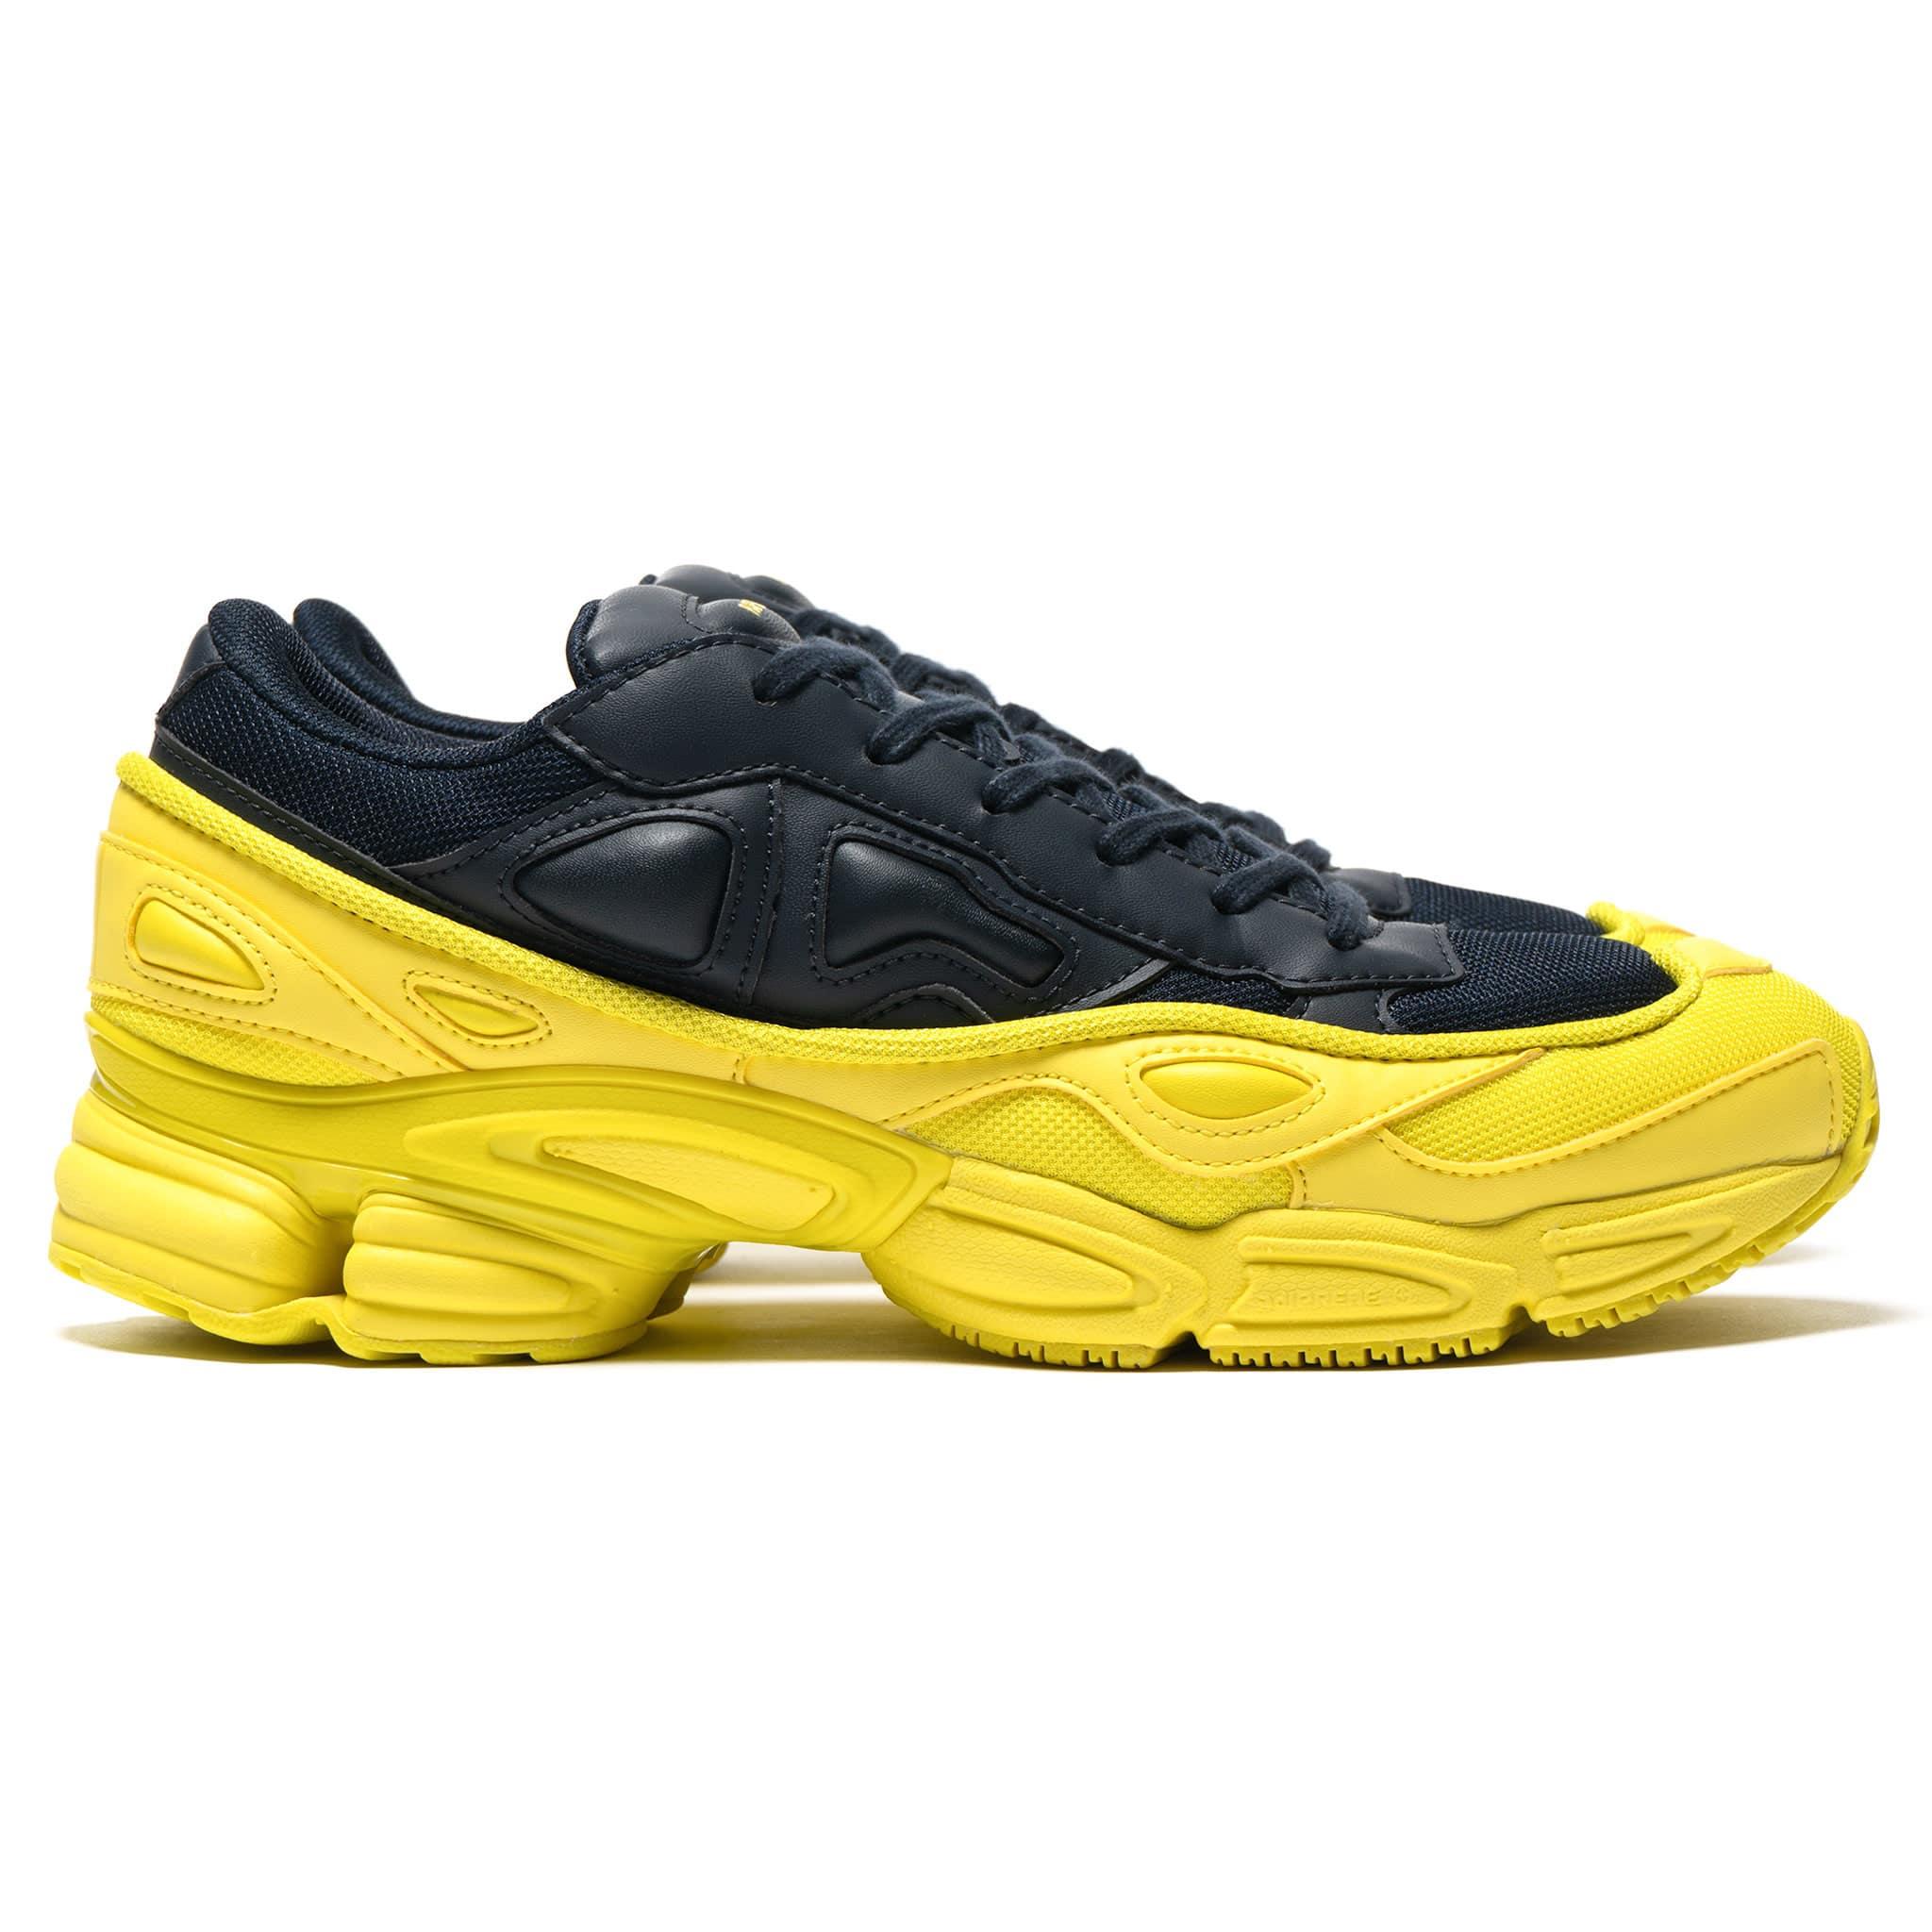 ae117aa7a928 Raf Simons and adidas Unveil Colourblocked Ozweego